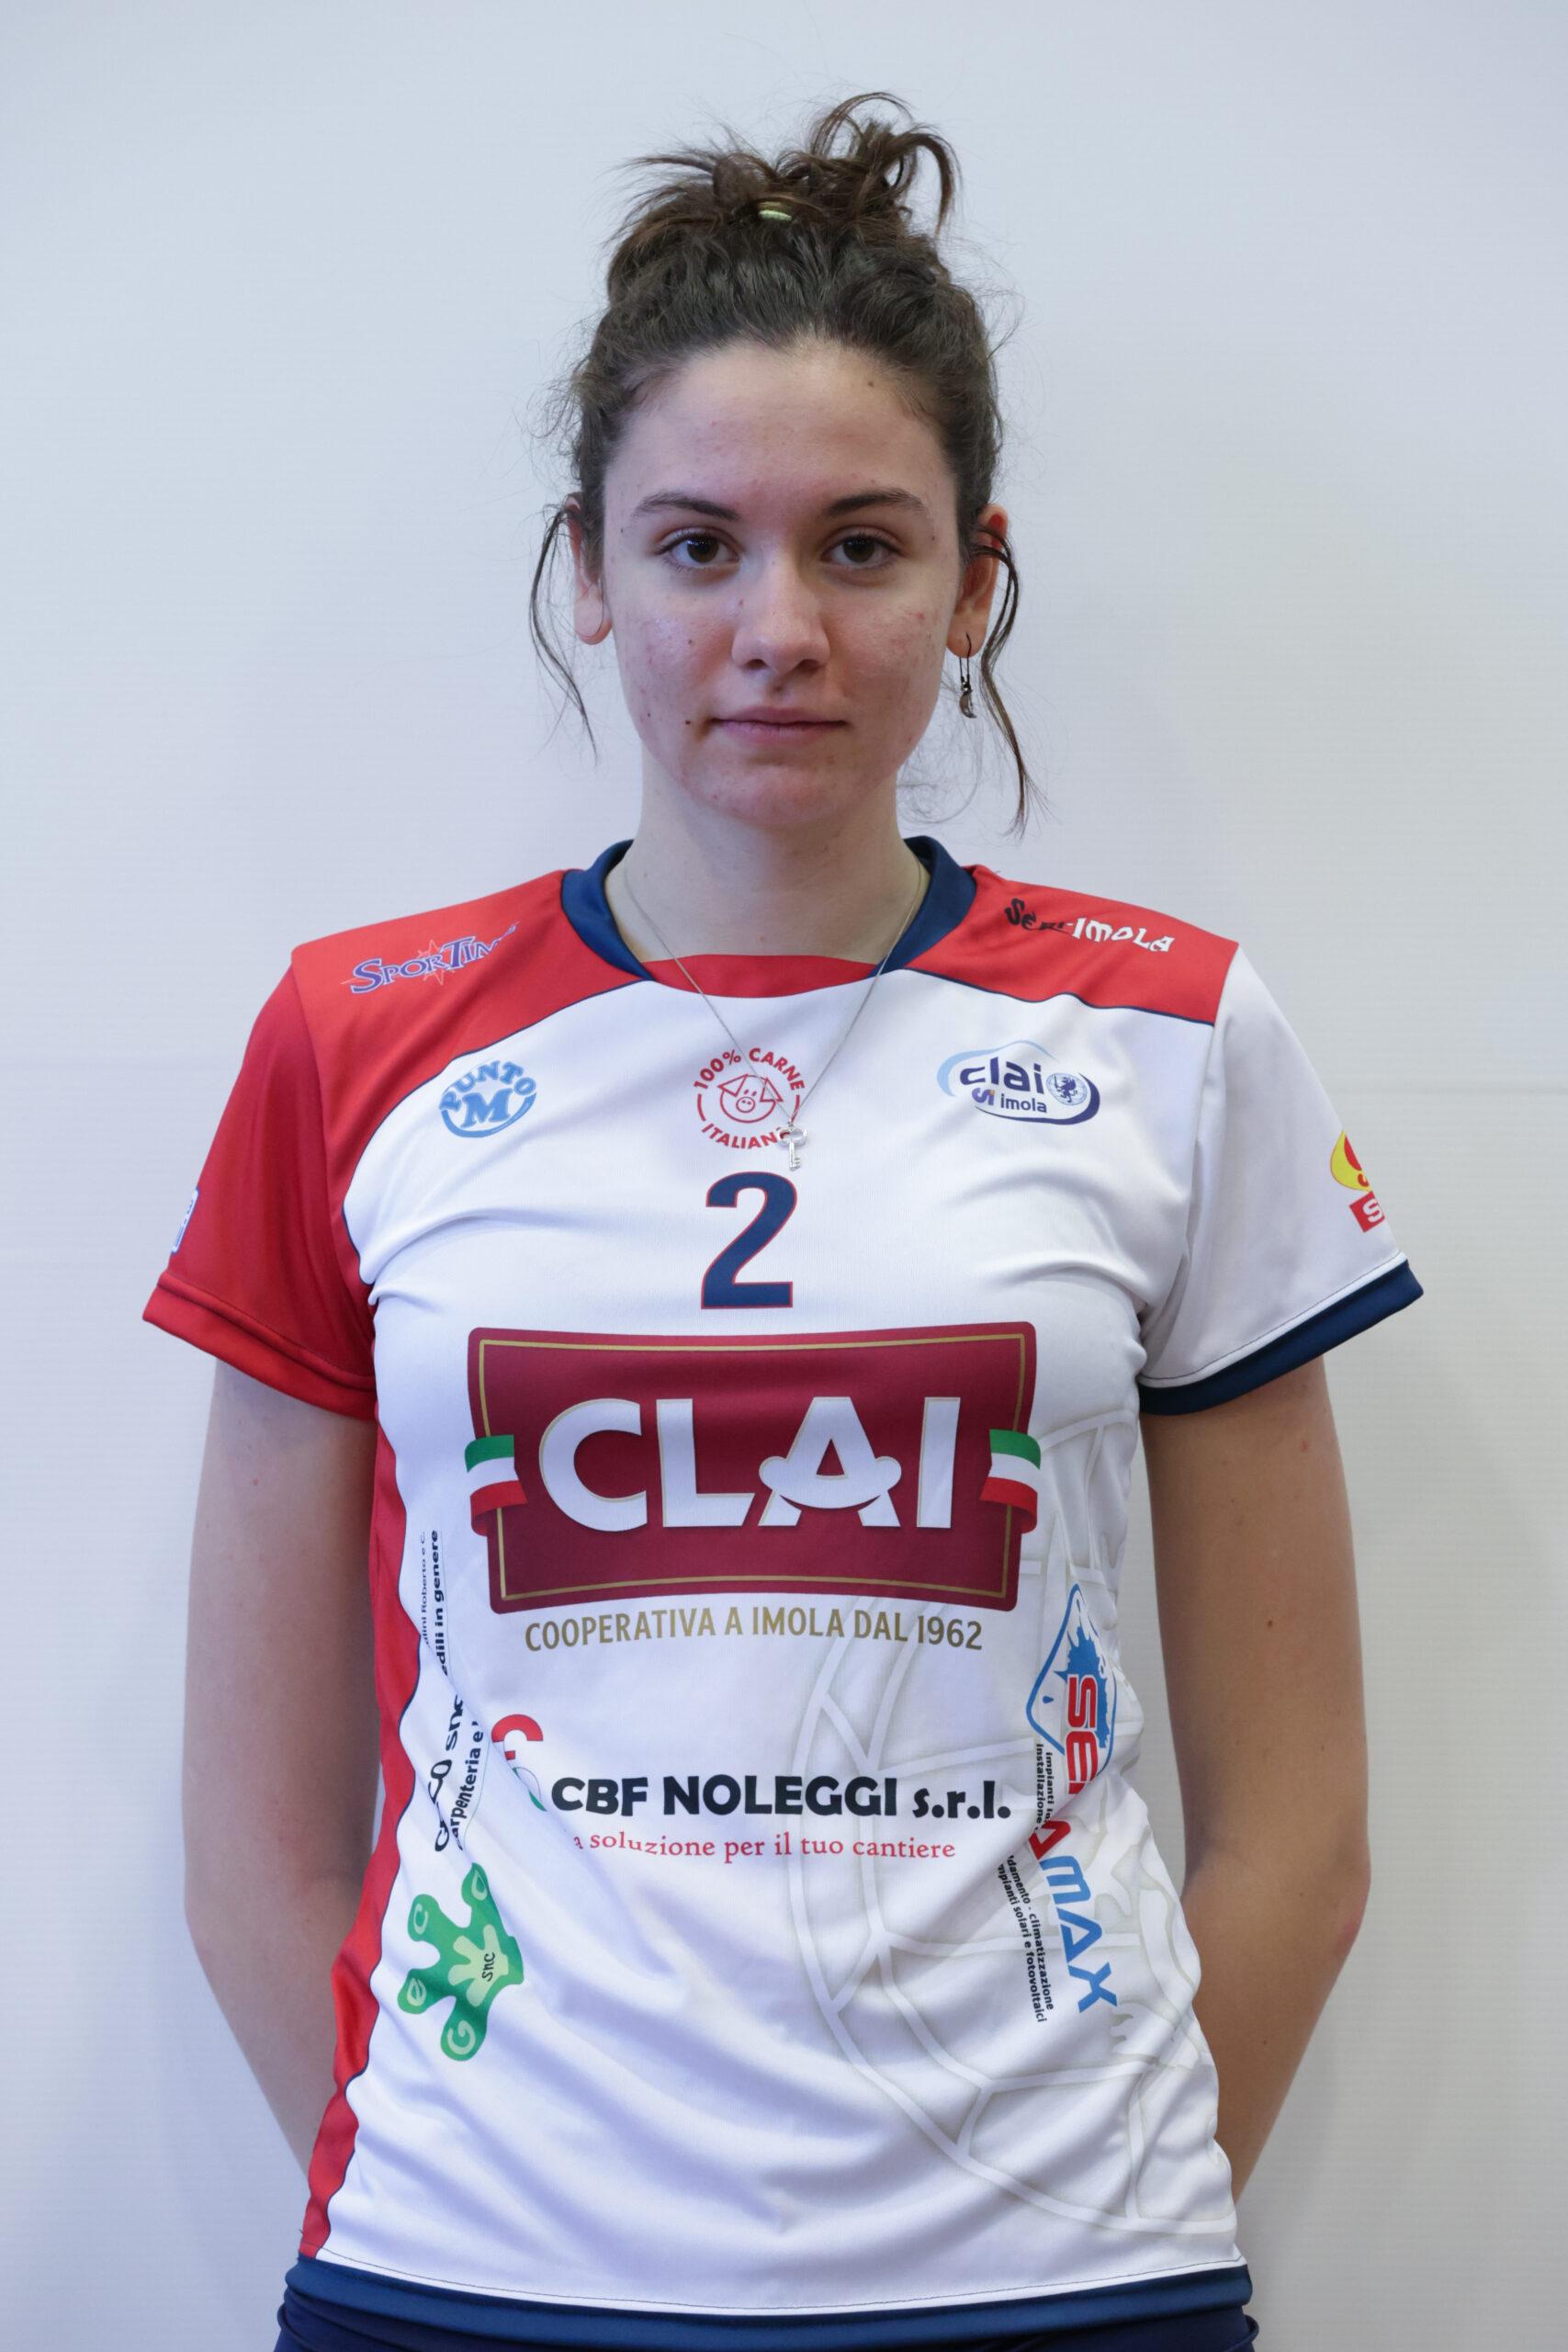 Rita Arcangeli